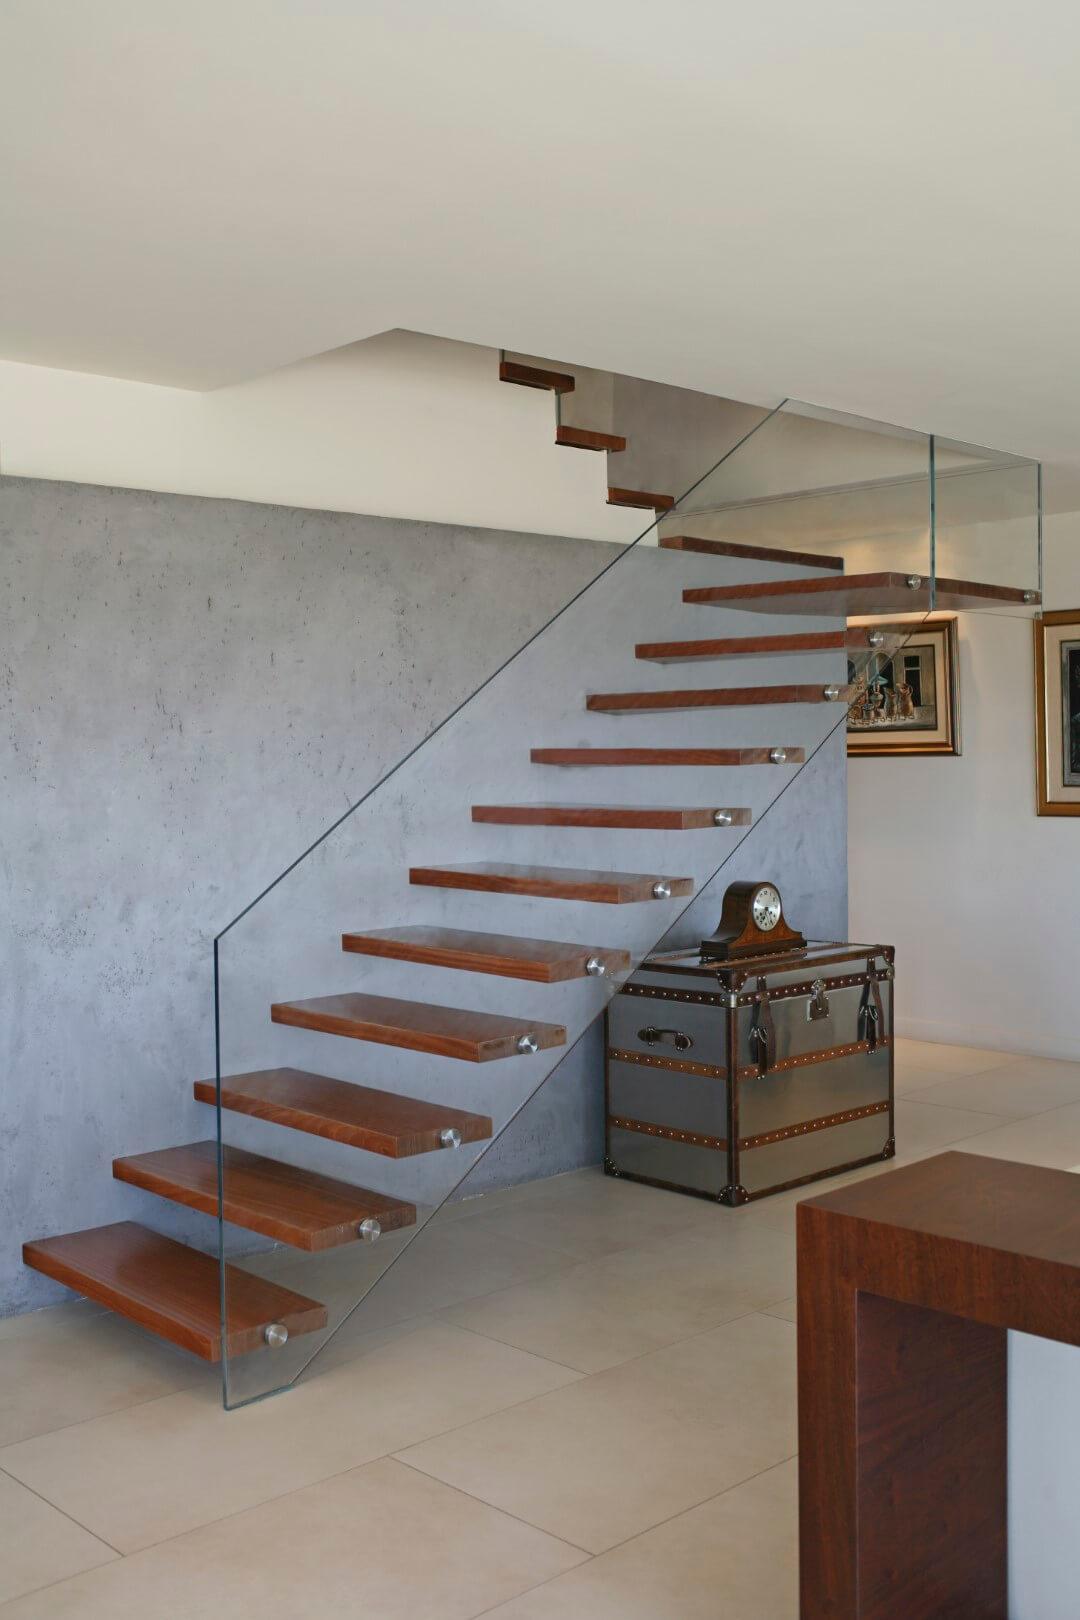 שני גרמי מדרגות עץ מרחפות קונזוליות